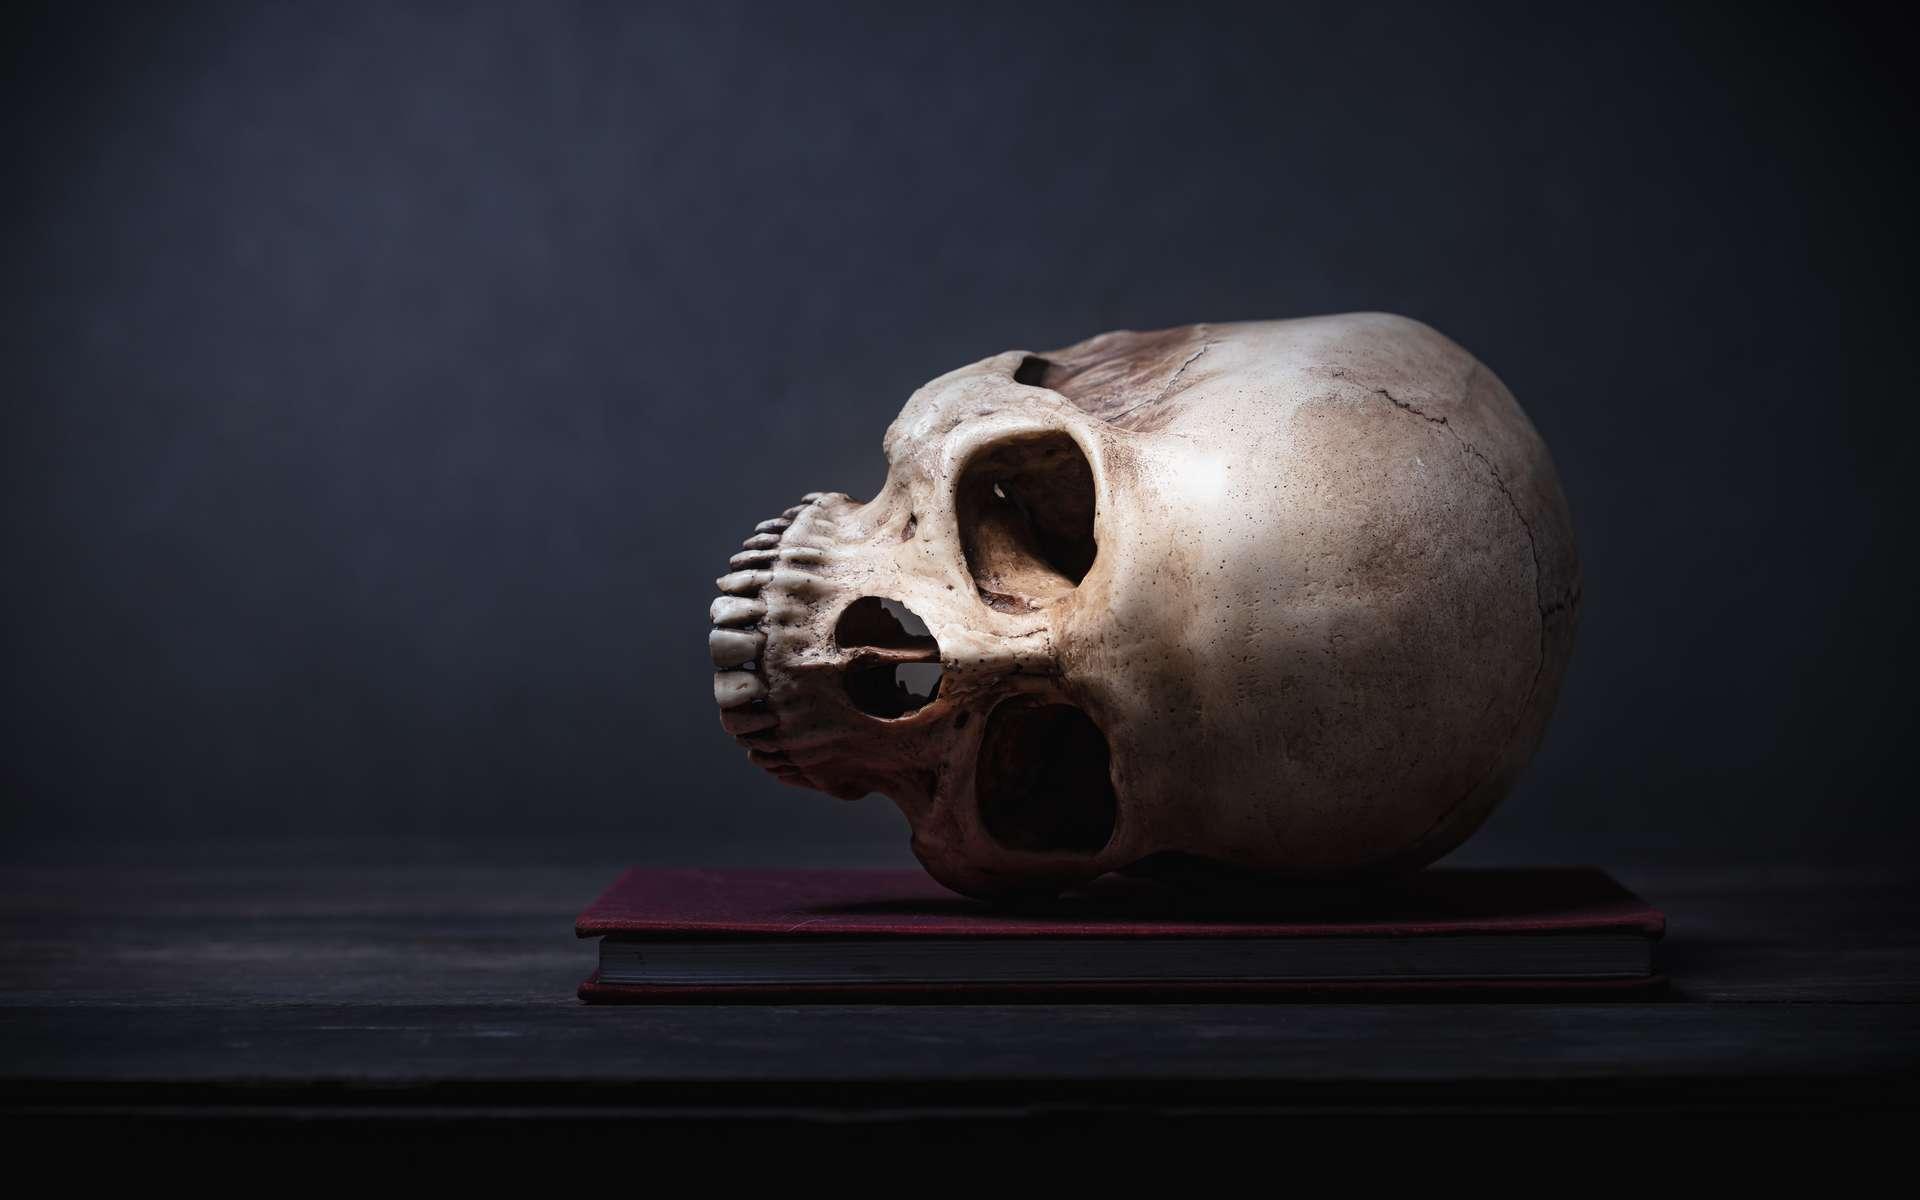 Les patients atteints du syndrome de Cotard sont persuadés que le corps est un cadavre. © kaewphoto, Adobe Stock